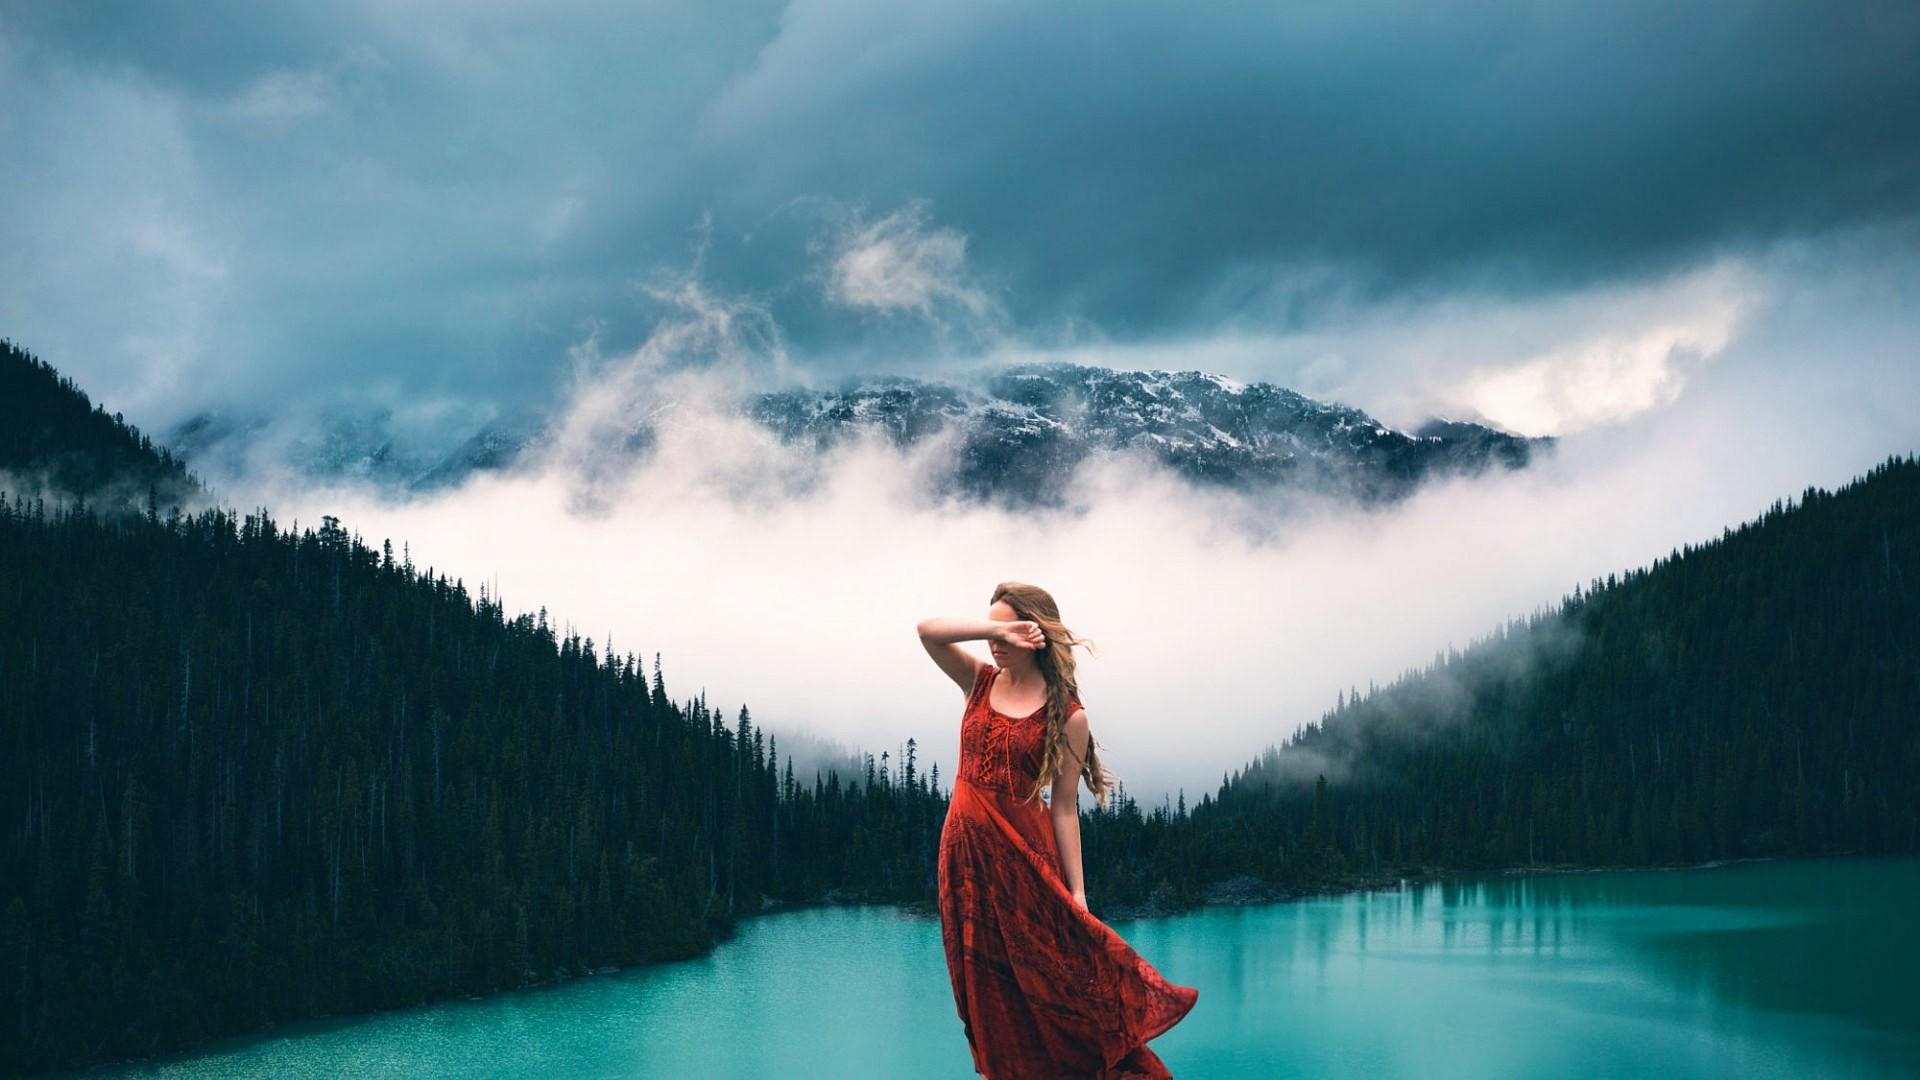 Wallpaper : face, sunlight, trees, mountains, women